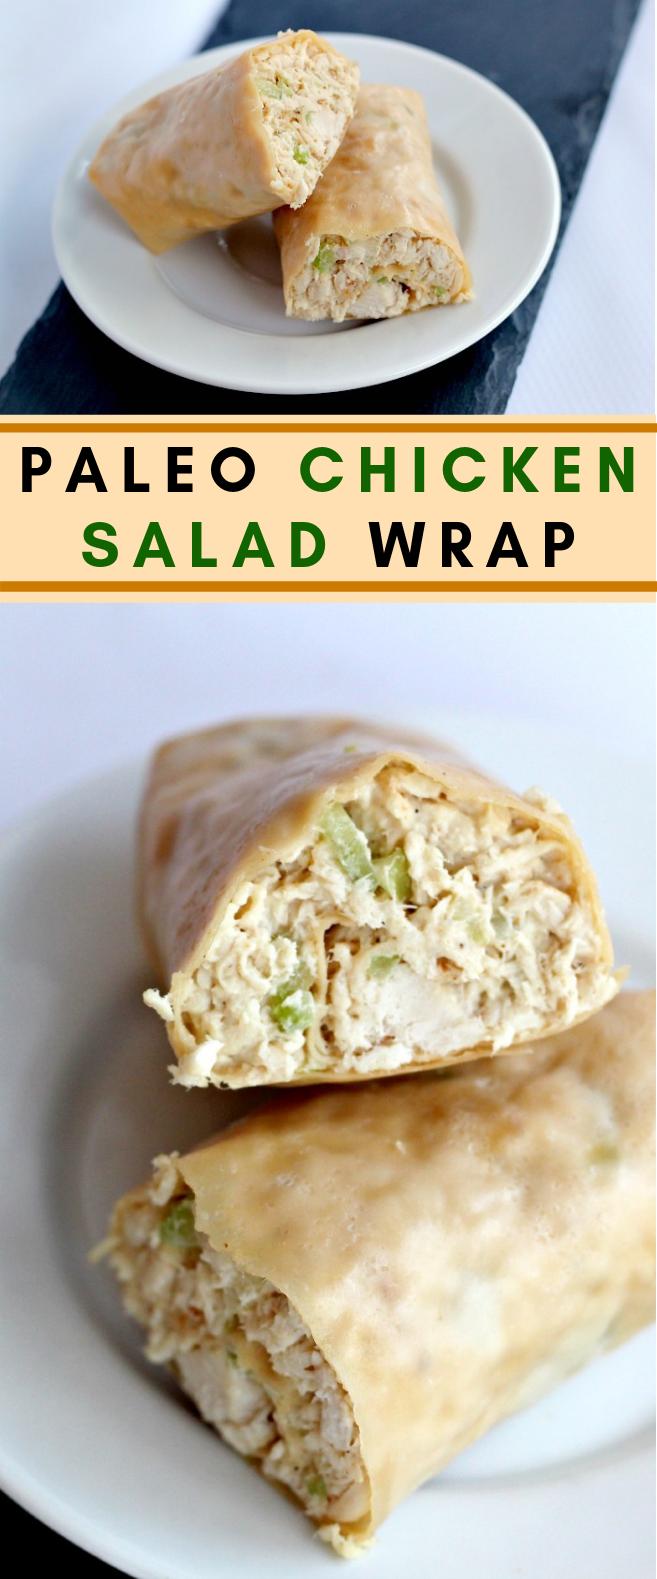 PALEO CHICKEN SALAD WRAPS #paleo #glutenfree